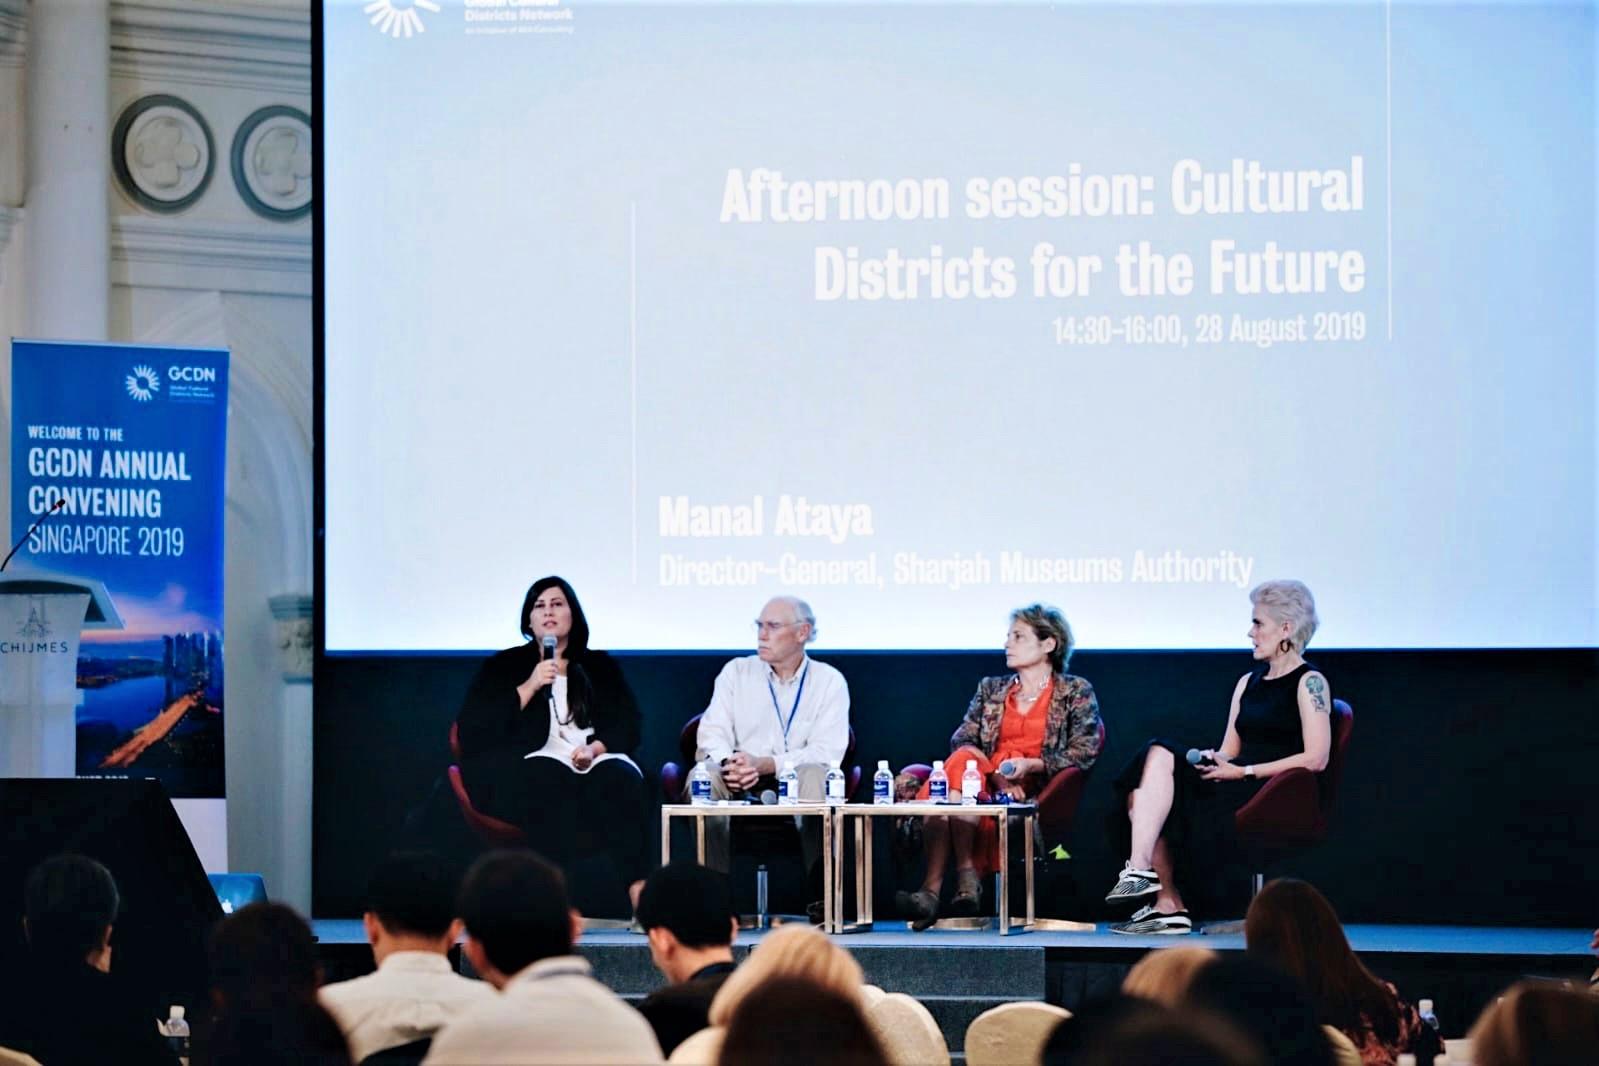 sharjah's flourishing art scene presented to singapore 1